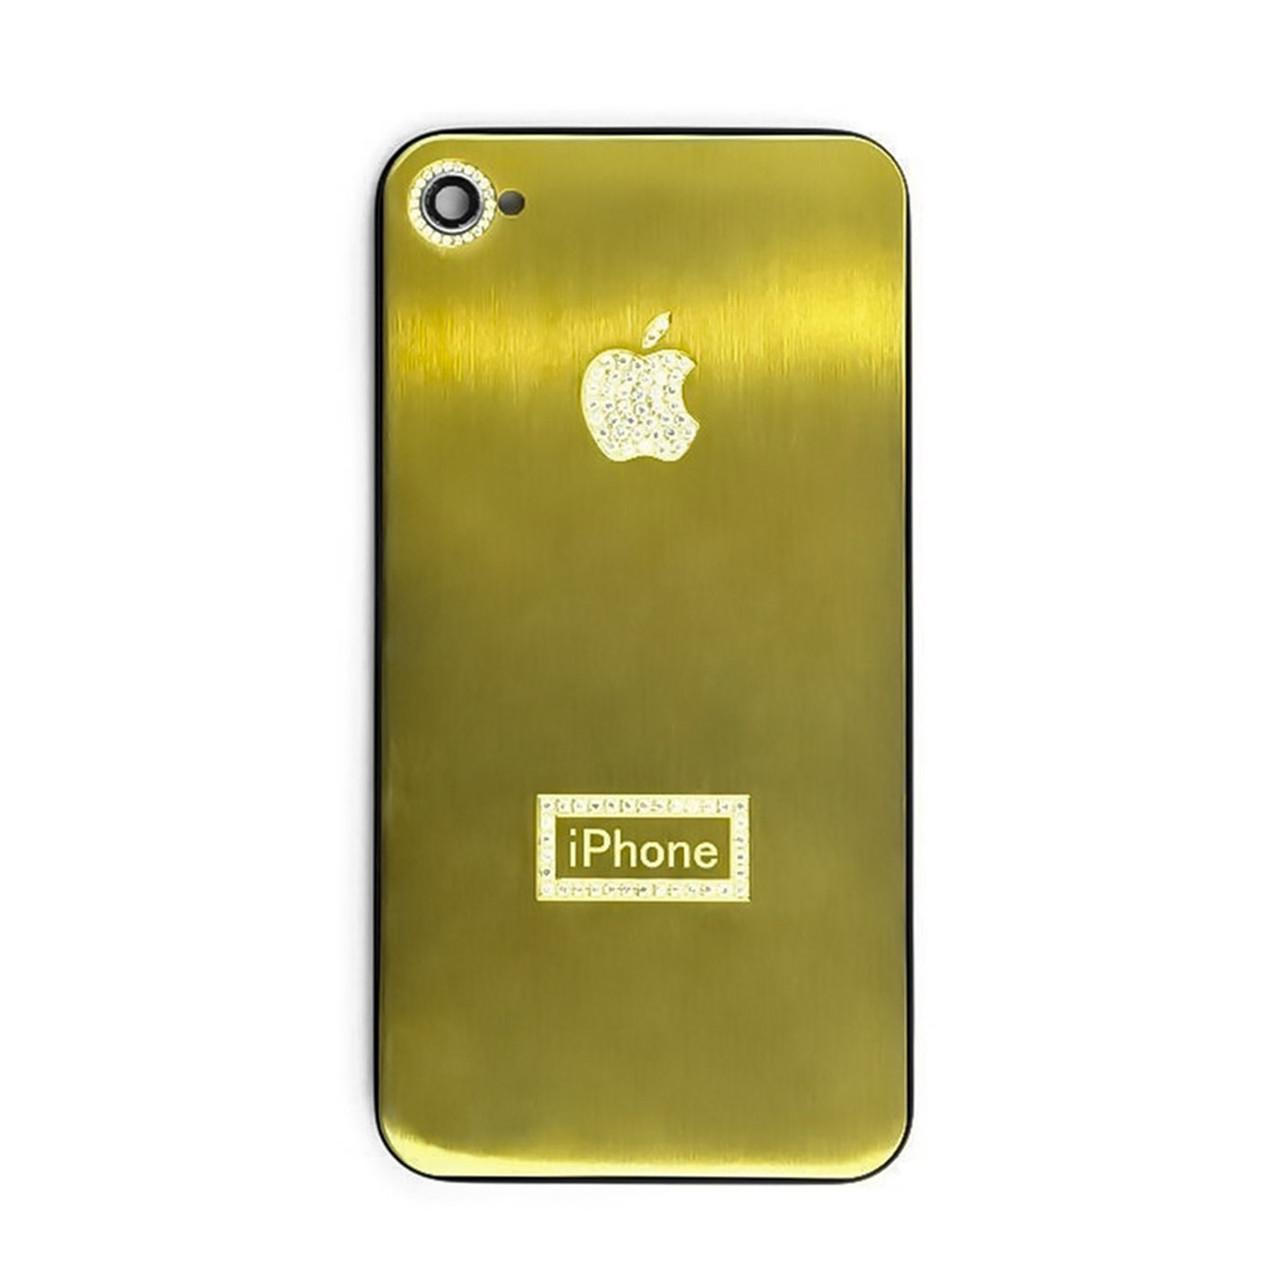 Задняя крышка Apple iPhone 4G cristal Gold/Black (69)